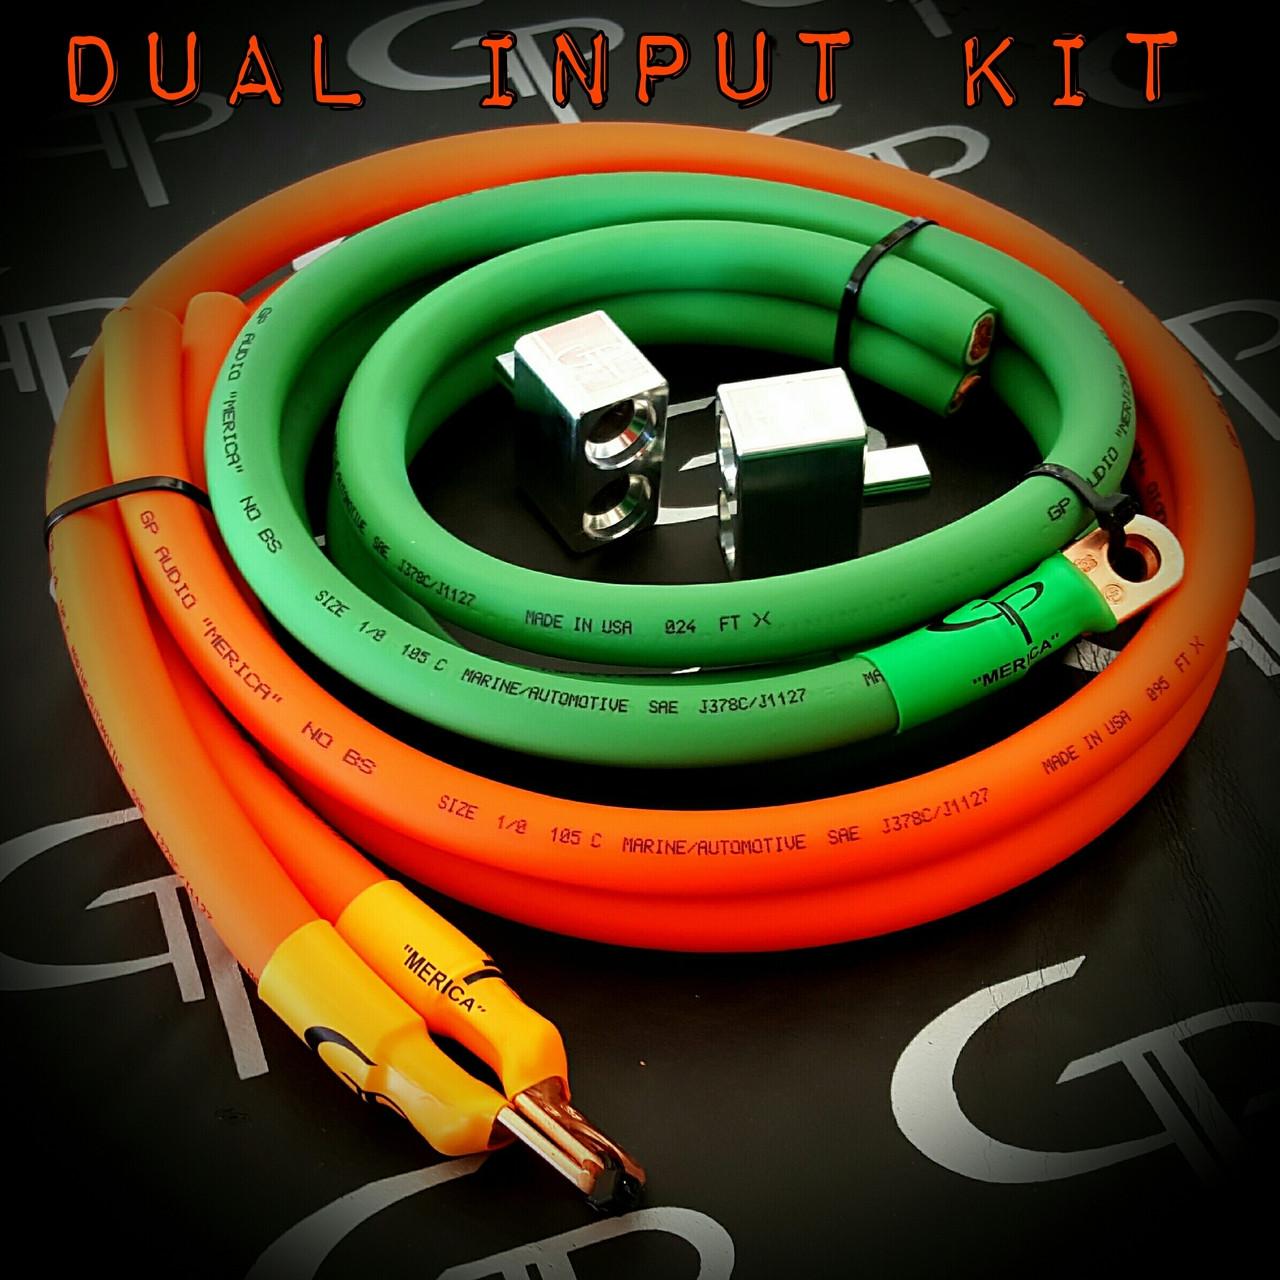 2/0 Dual Input Kit